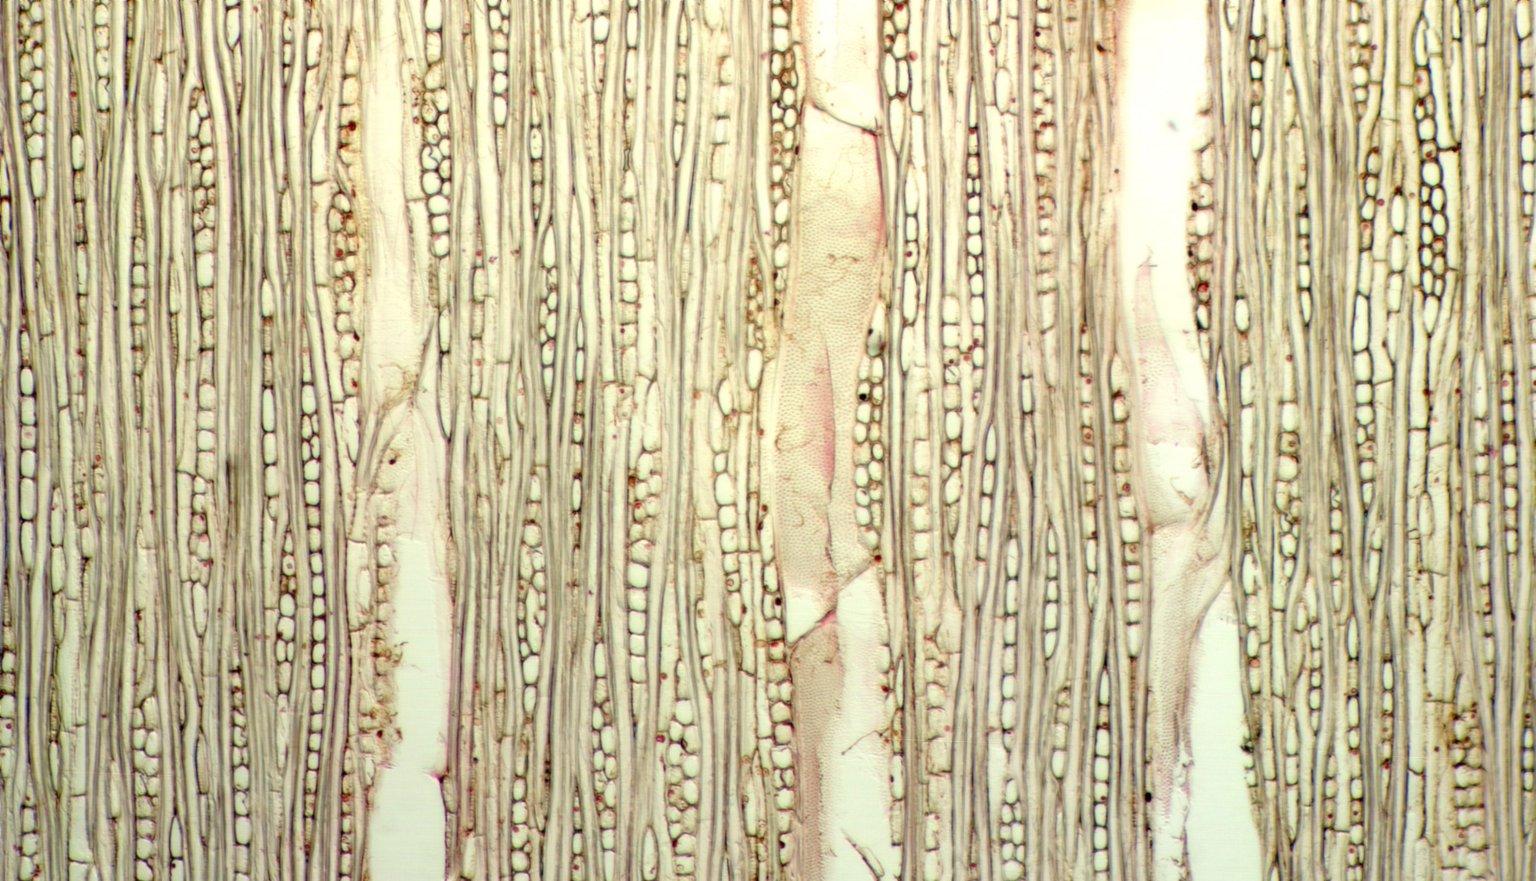 APOCYNACEAE Himatanthus lancifolius